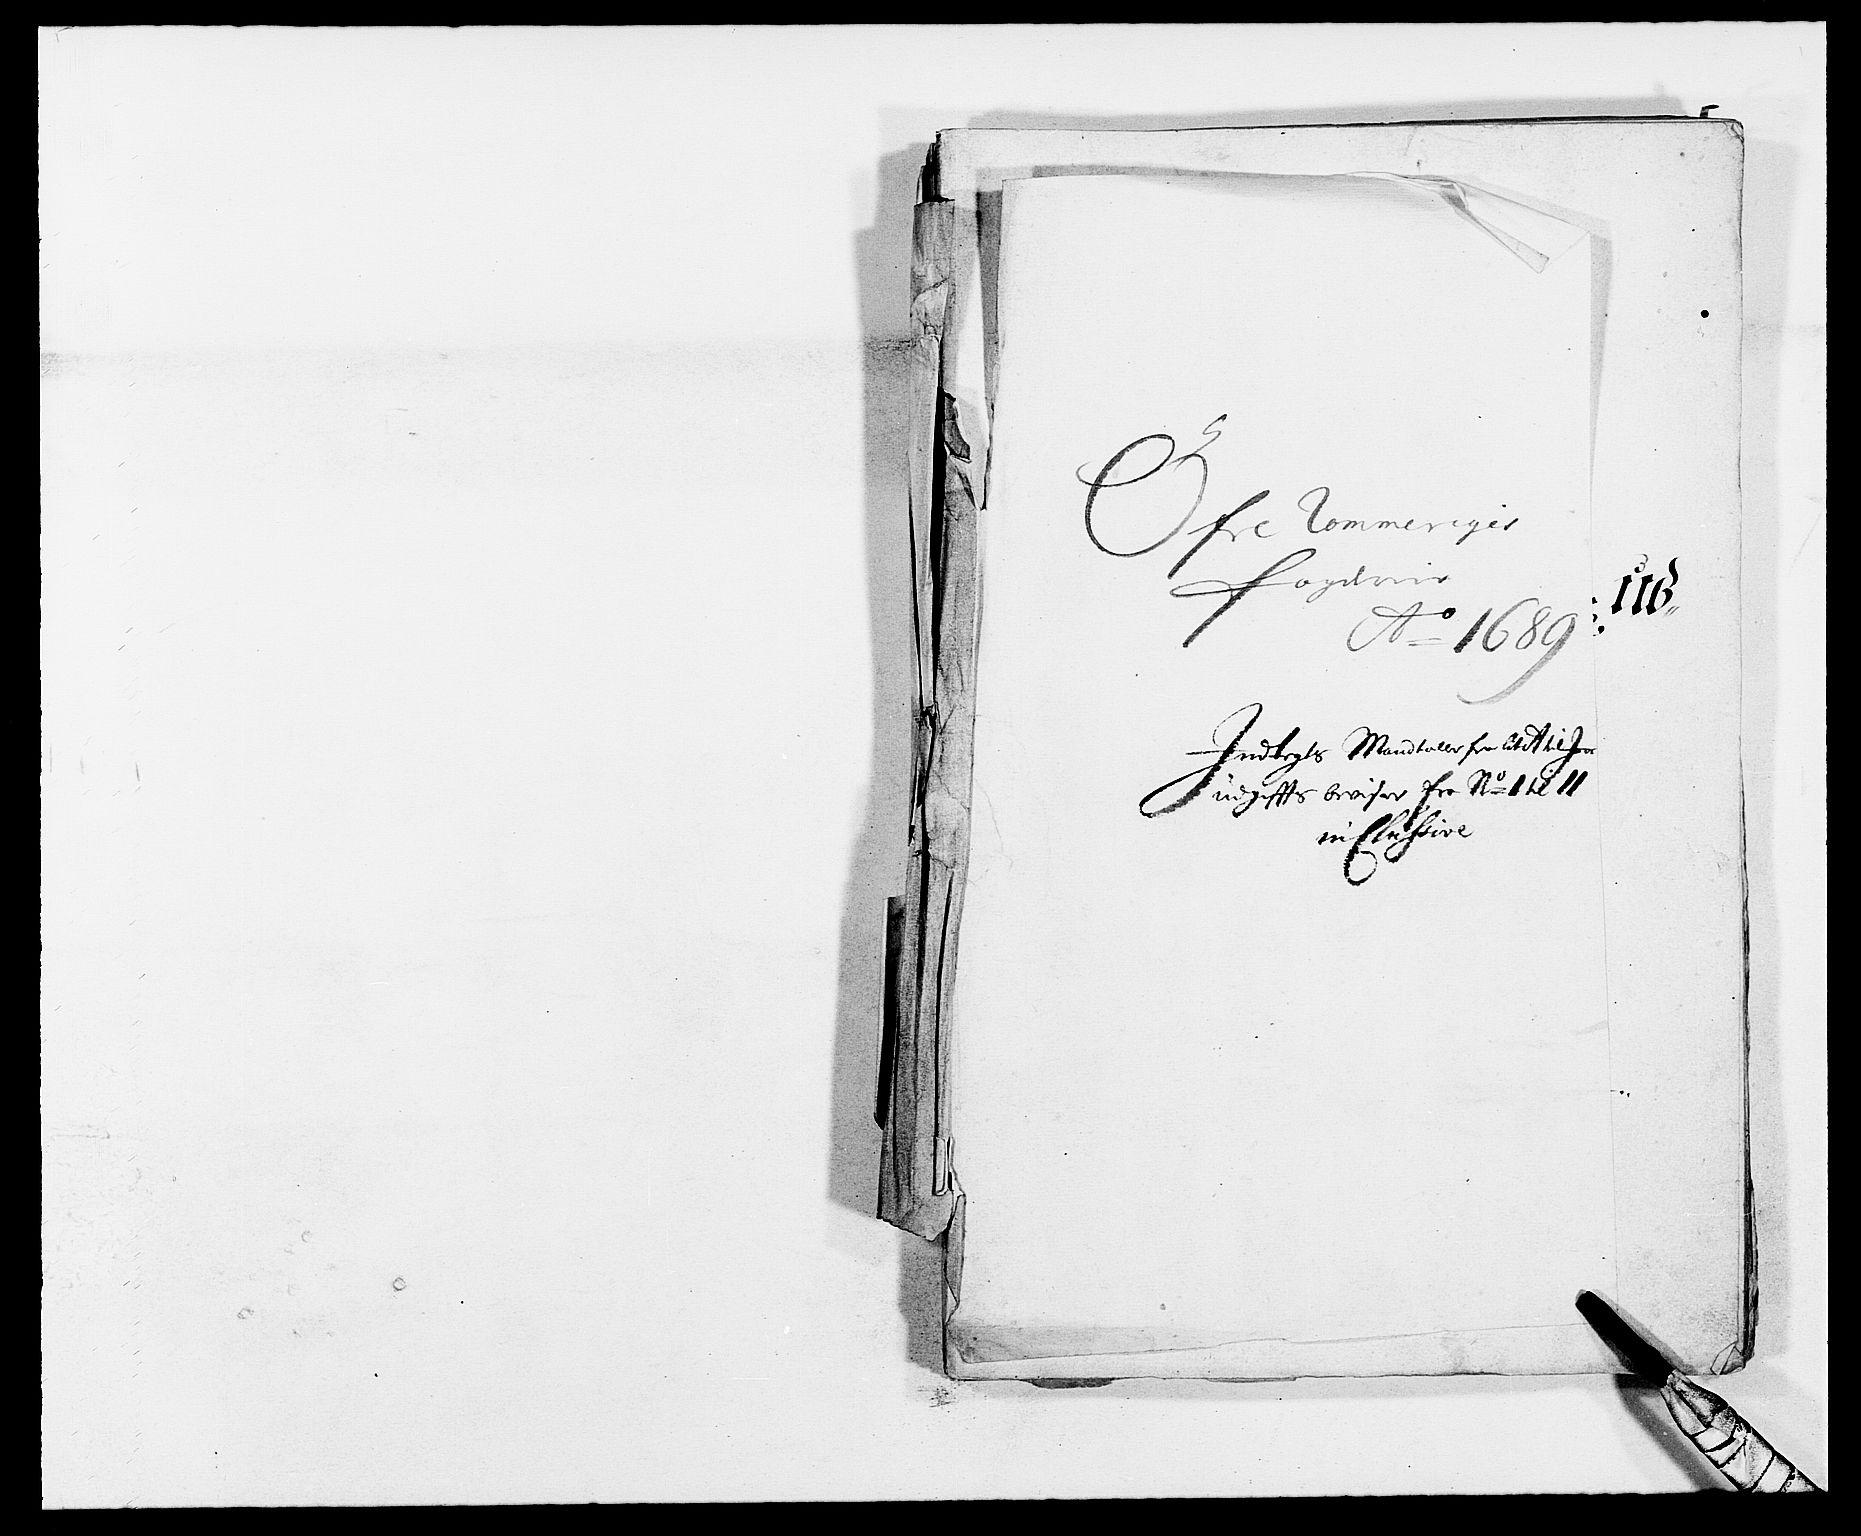 RA, Rentekammeret inntil 1814, Reviderte regnskaper, Fogderegnskap, R12/L0701: Fogderegnskap Øvre Romerike, 1689, s. 220